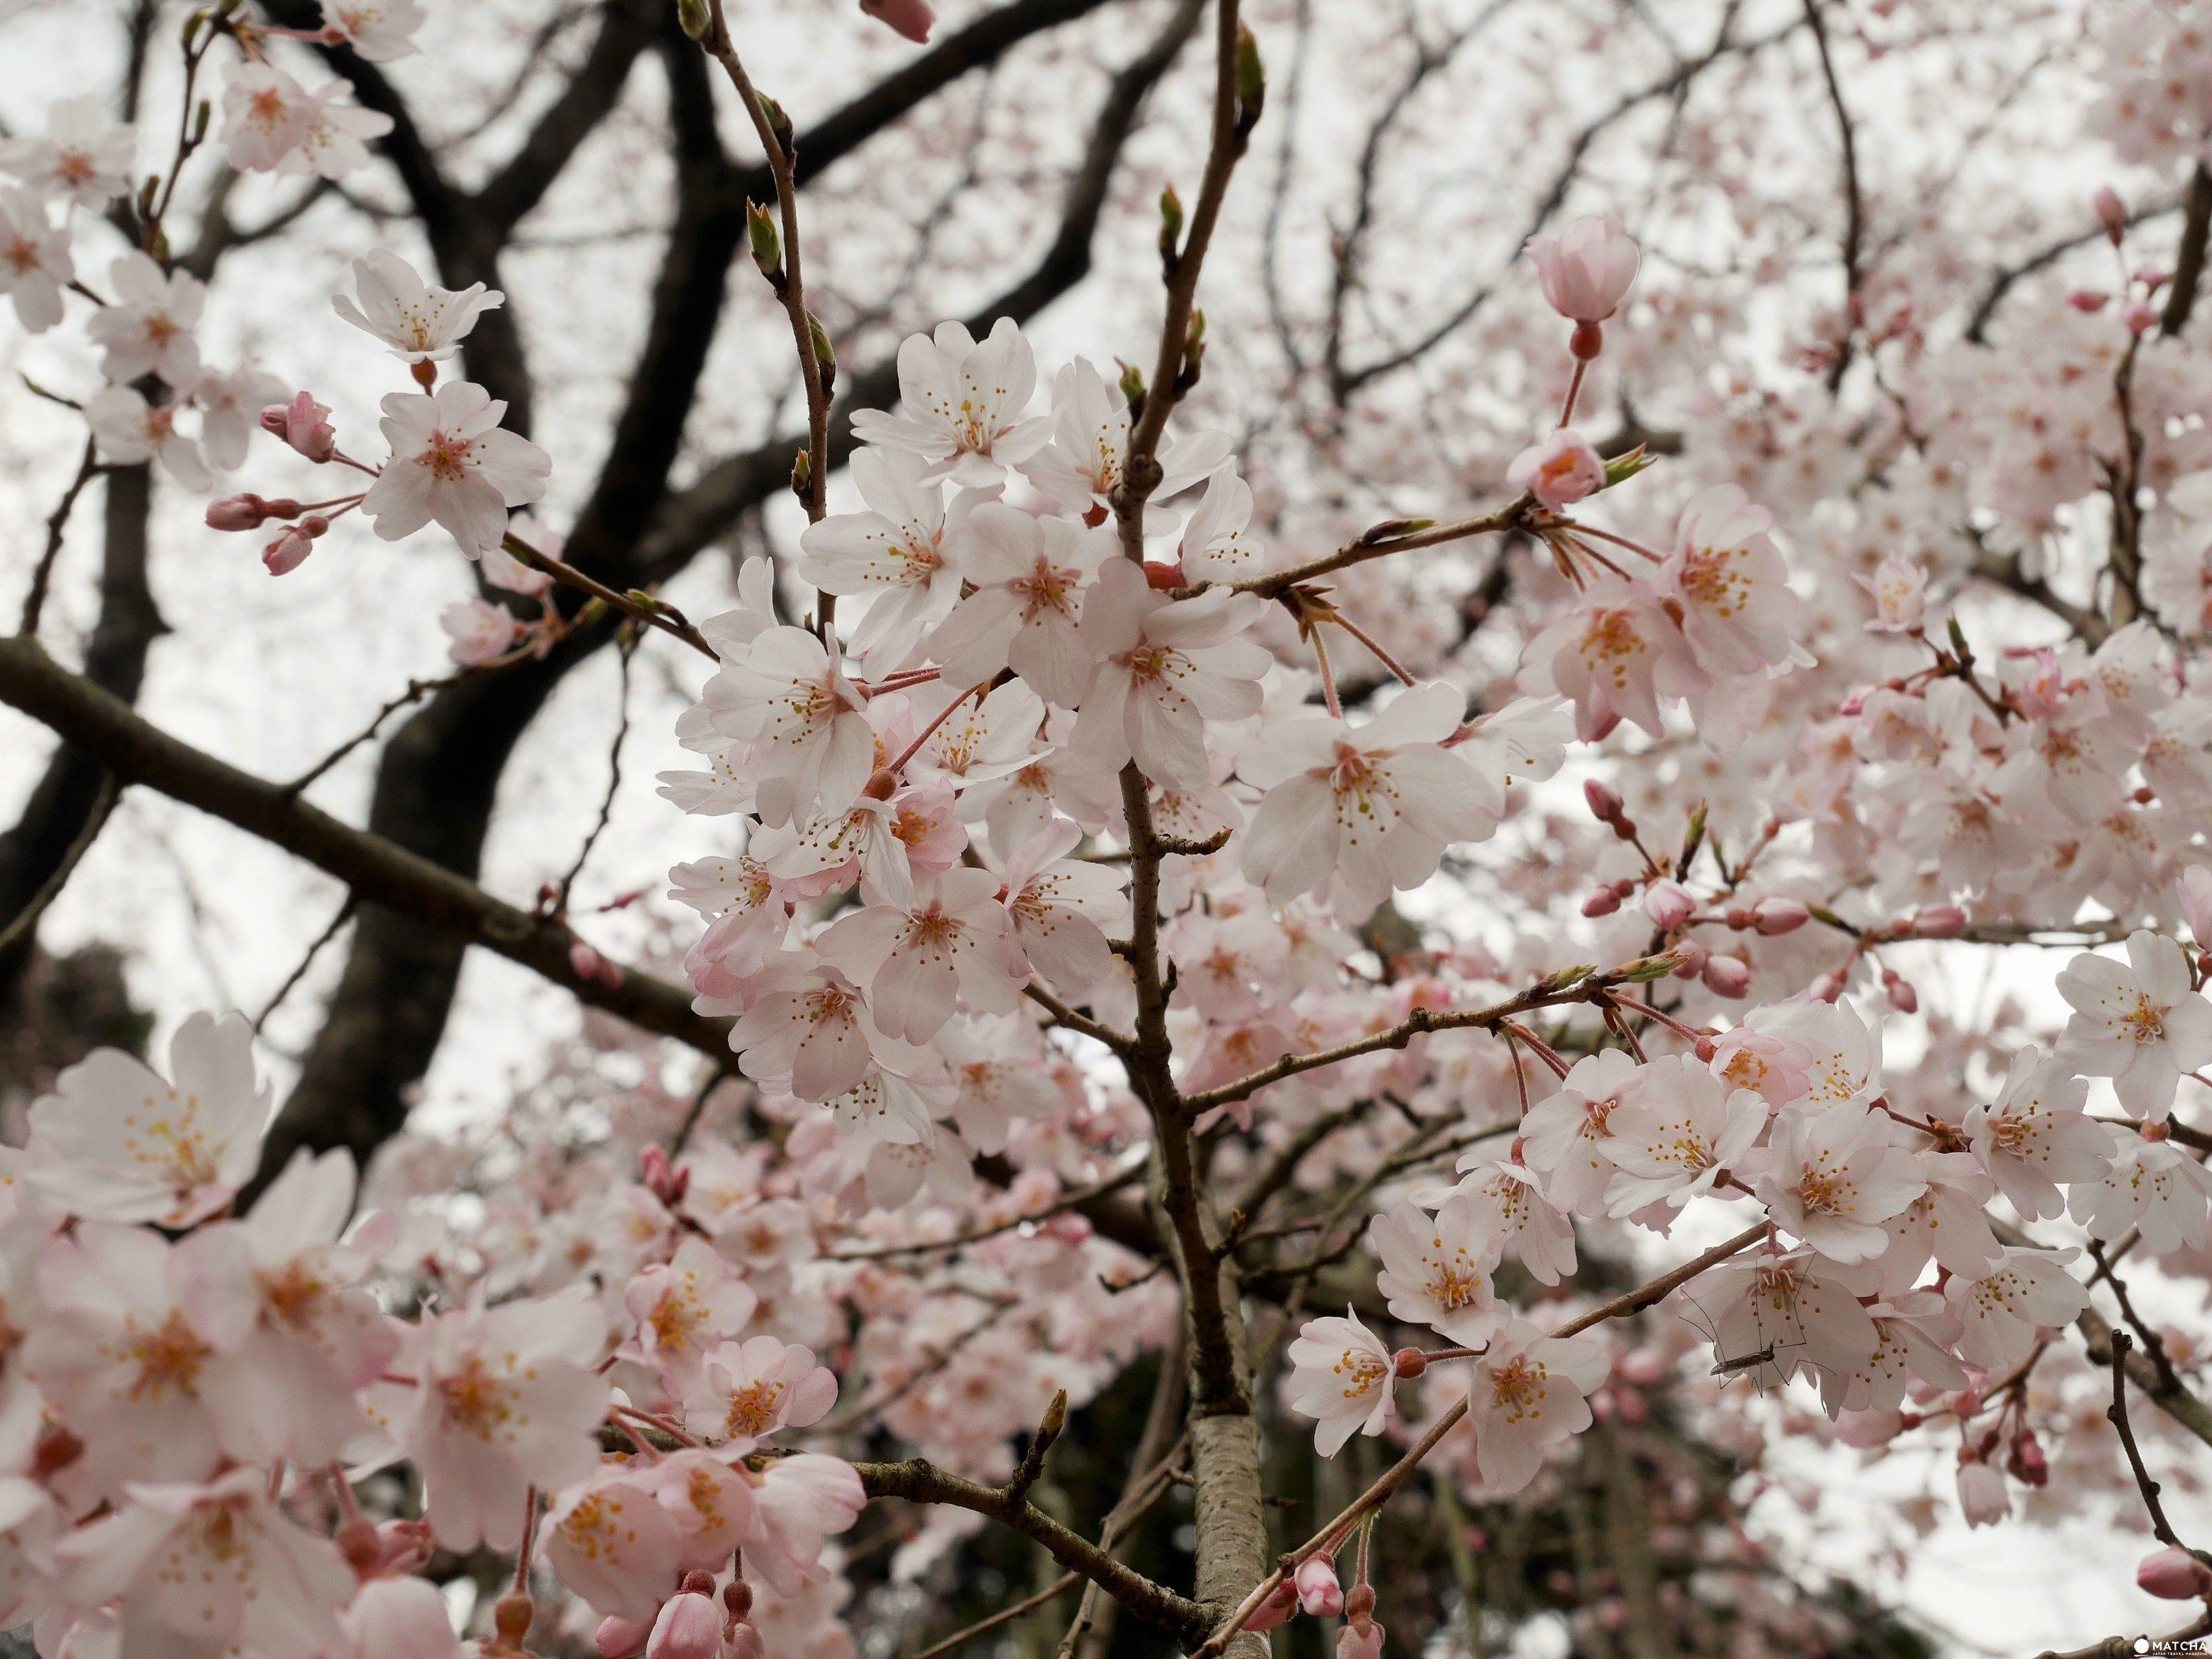 【京都賞櫻】豐臣秀吉的華麗謝幕,醍醐花見之「醍醐寺」